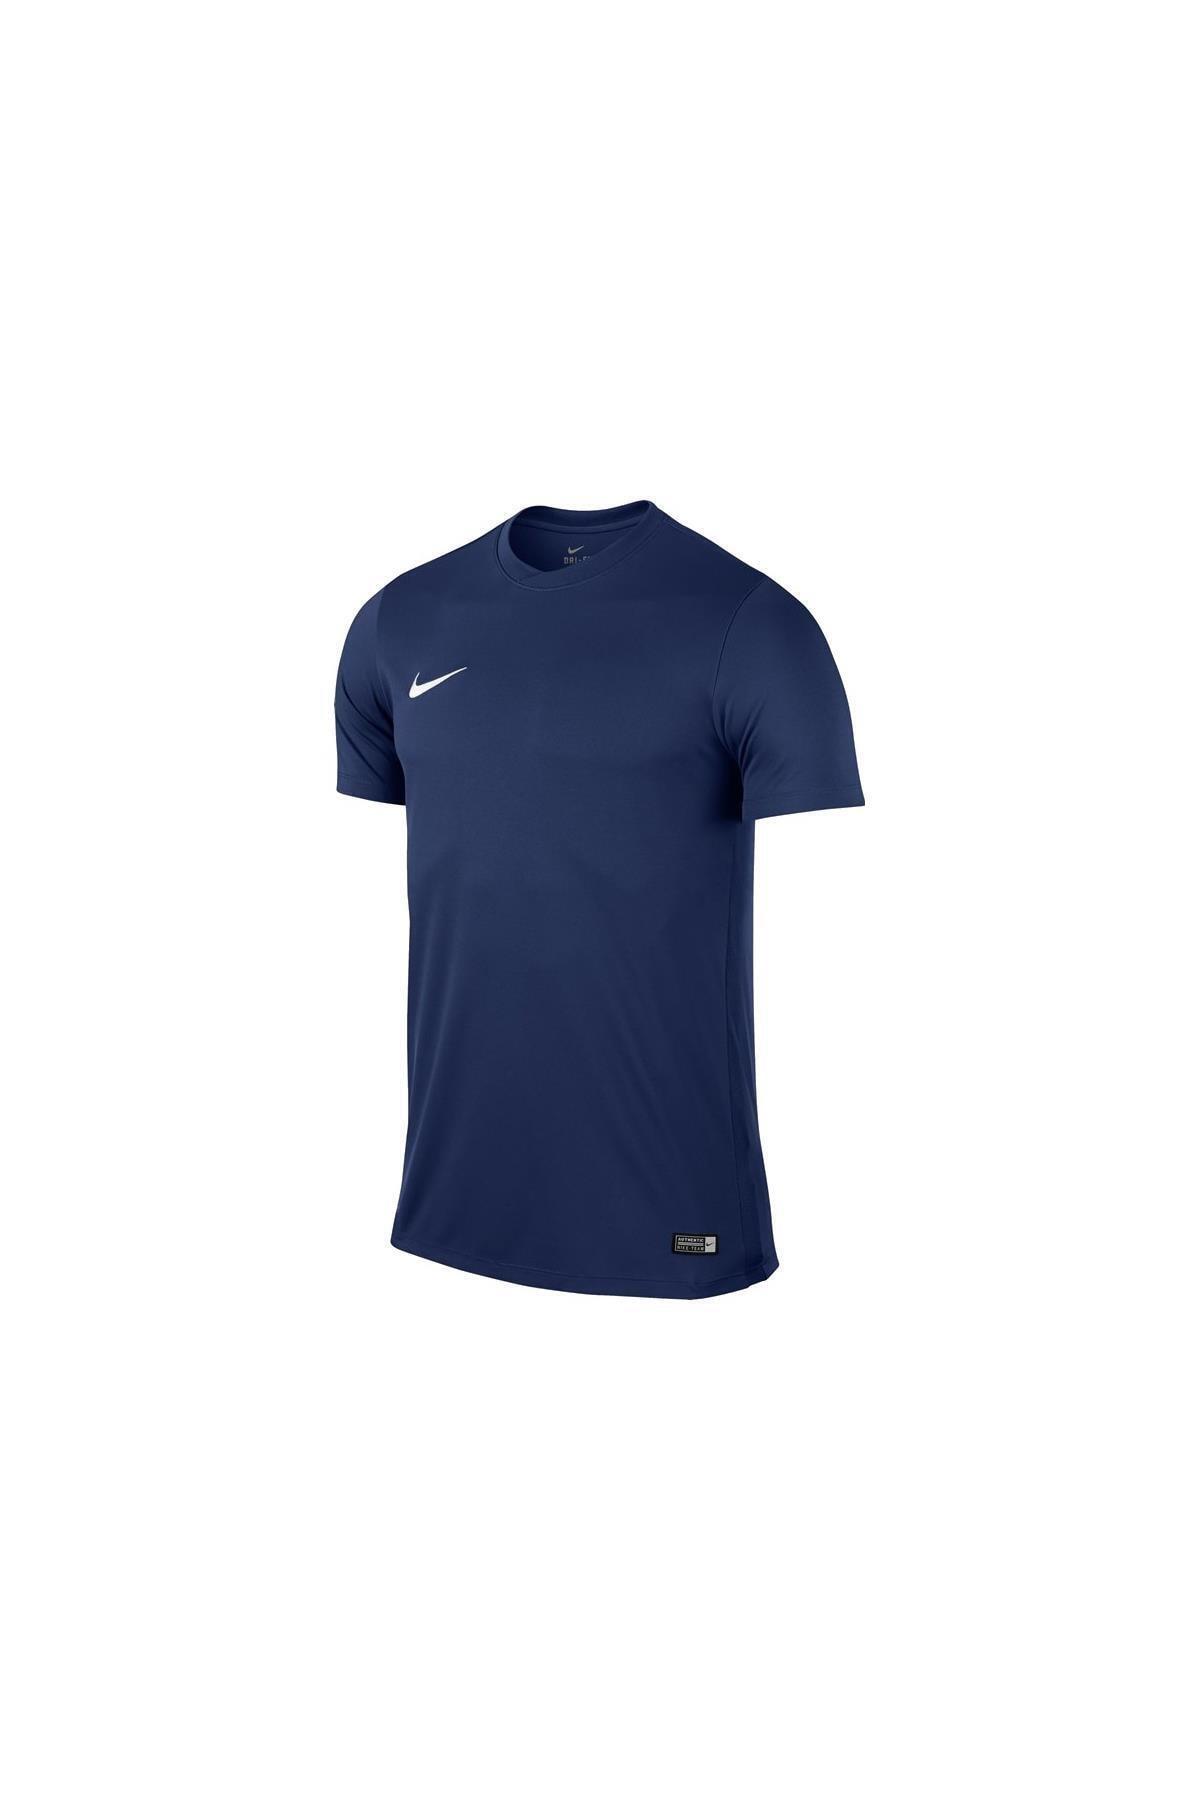 Nike Ss Park Vı Jsy 725891-410 Kısa Kol Forma 2